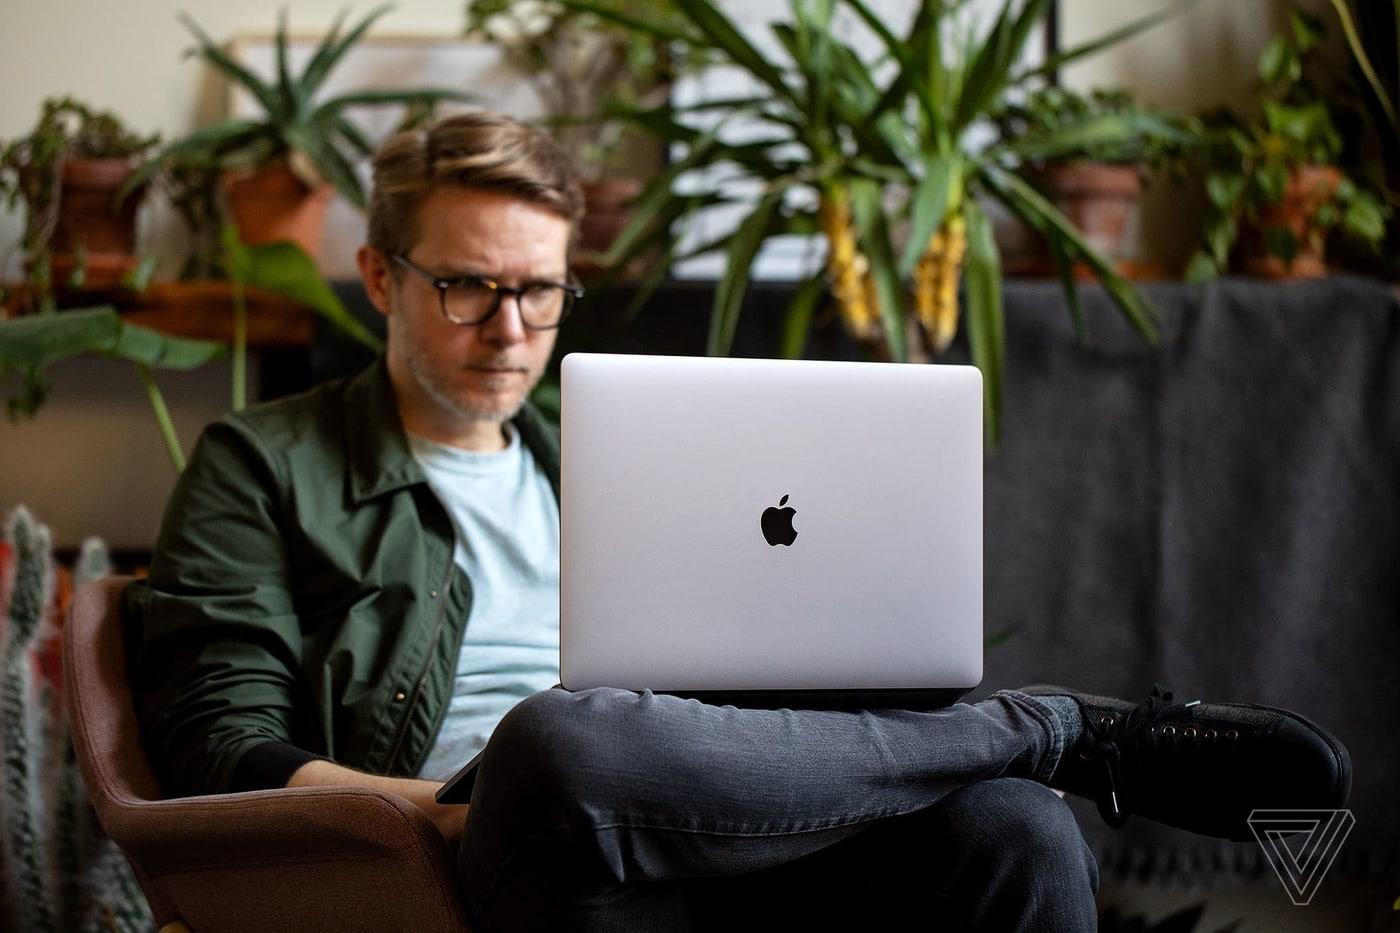 Đánh giá hệ điều hành Apple MacOS 11 Big Sur – kỷ nguyên mới về phần mềm cho máy tính Mac